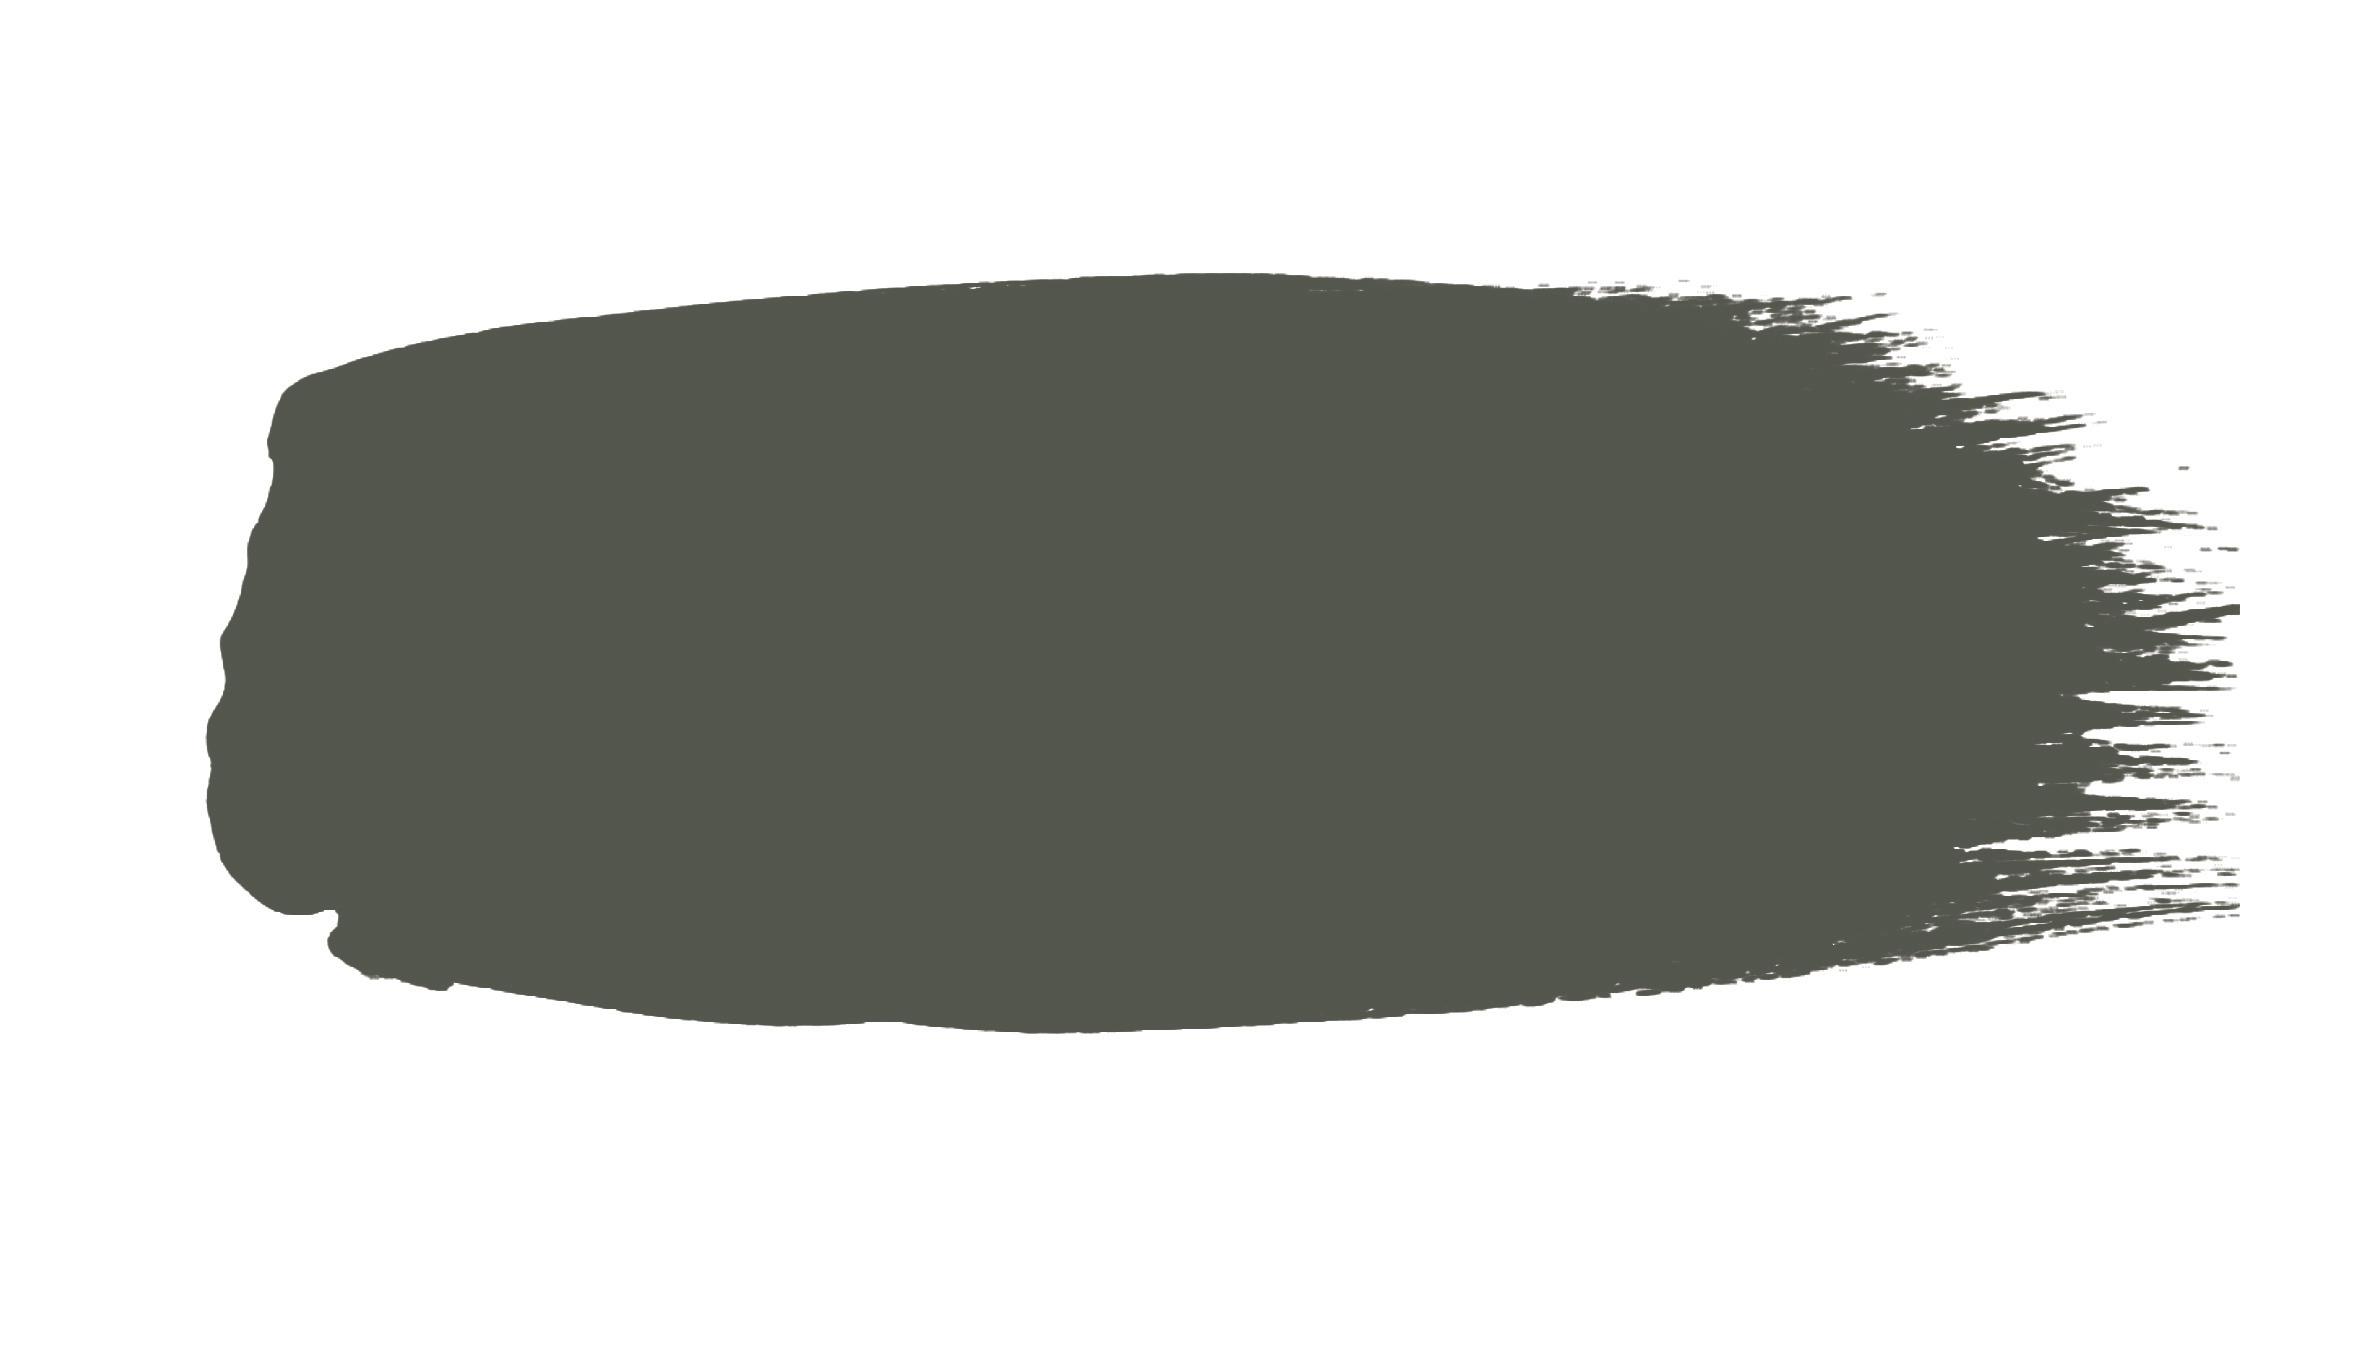 Peinture Vert Gris Cendré - Pompeian Ash n°293 - Little Greene